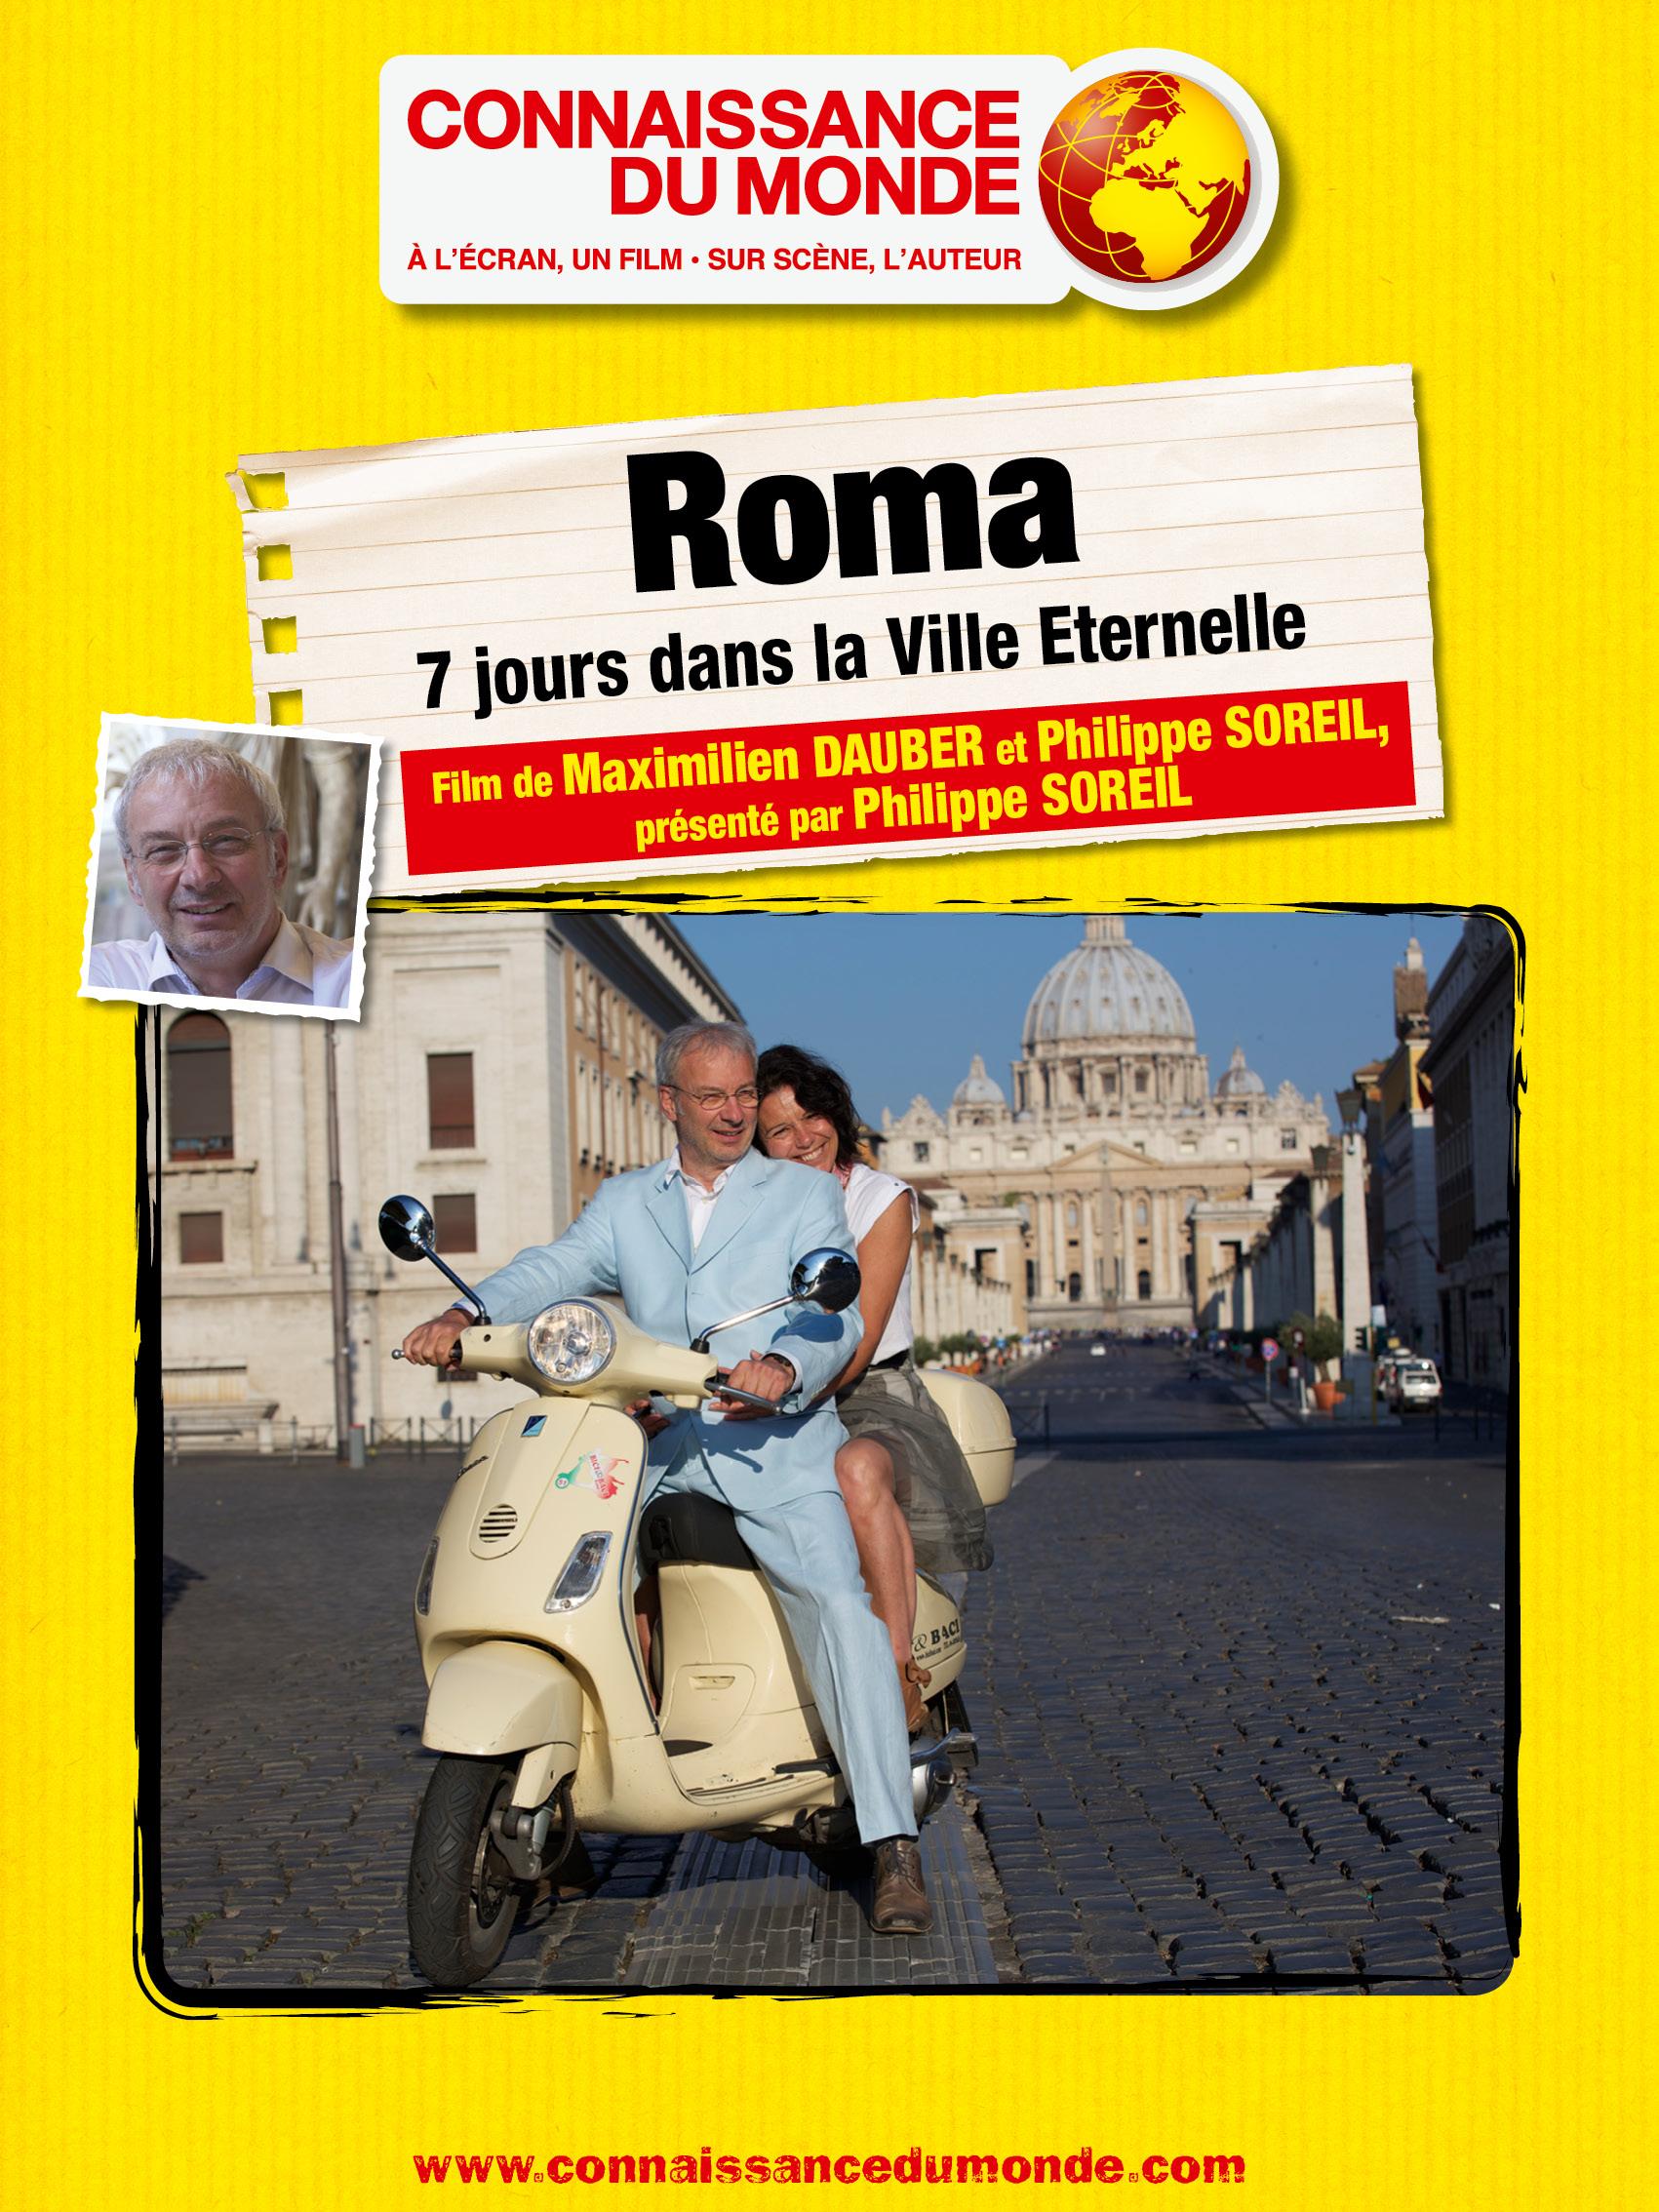 Roma, 7 jours dans la Ville Eternelle